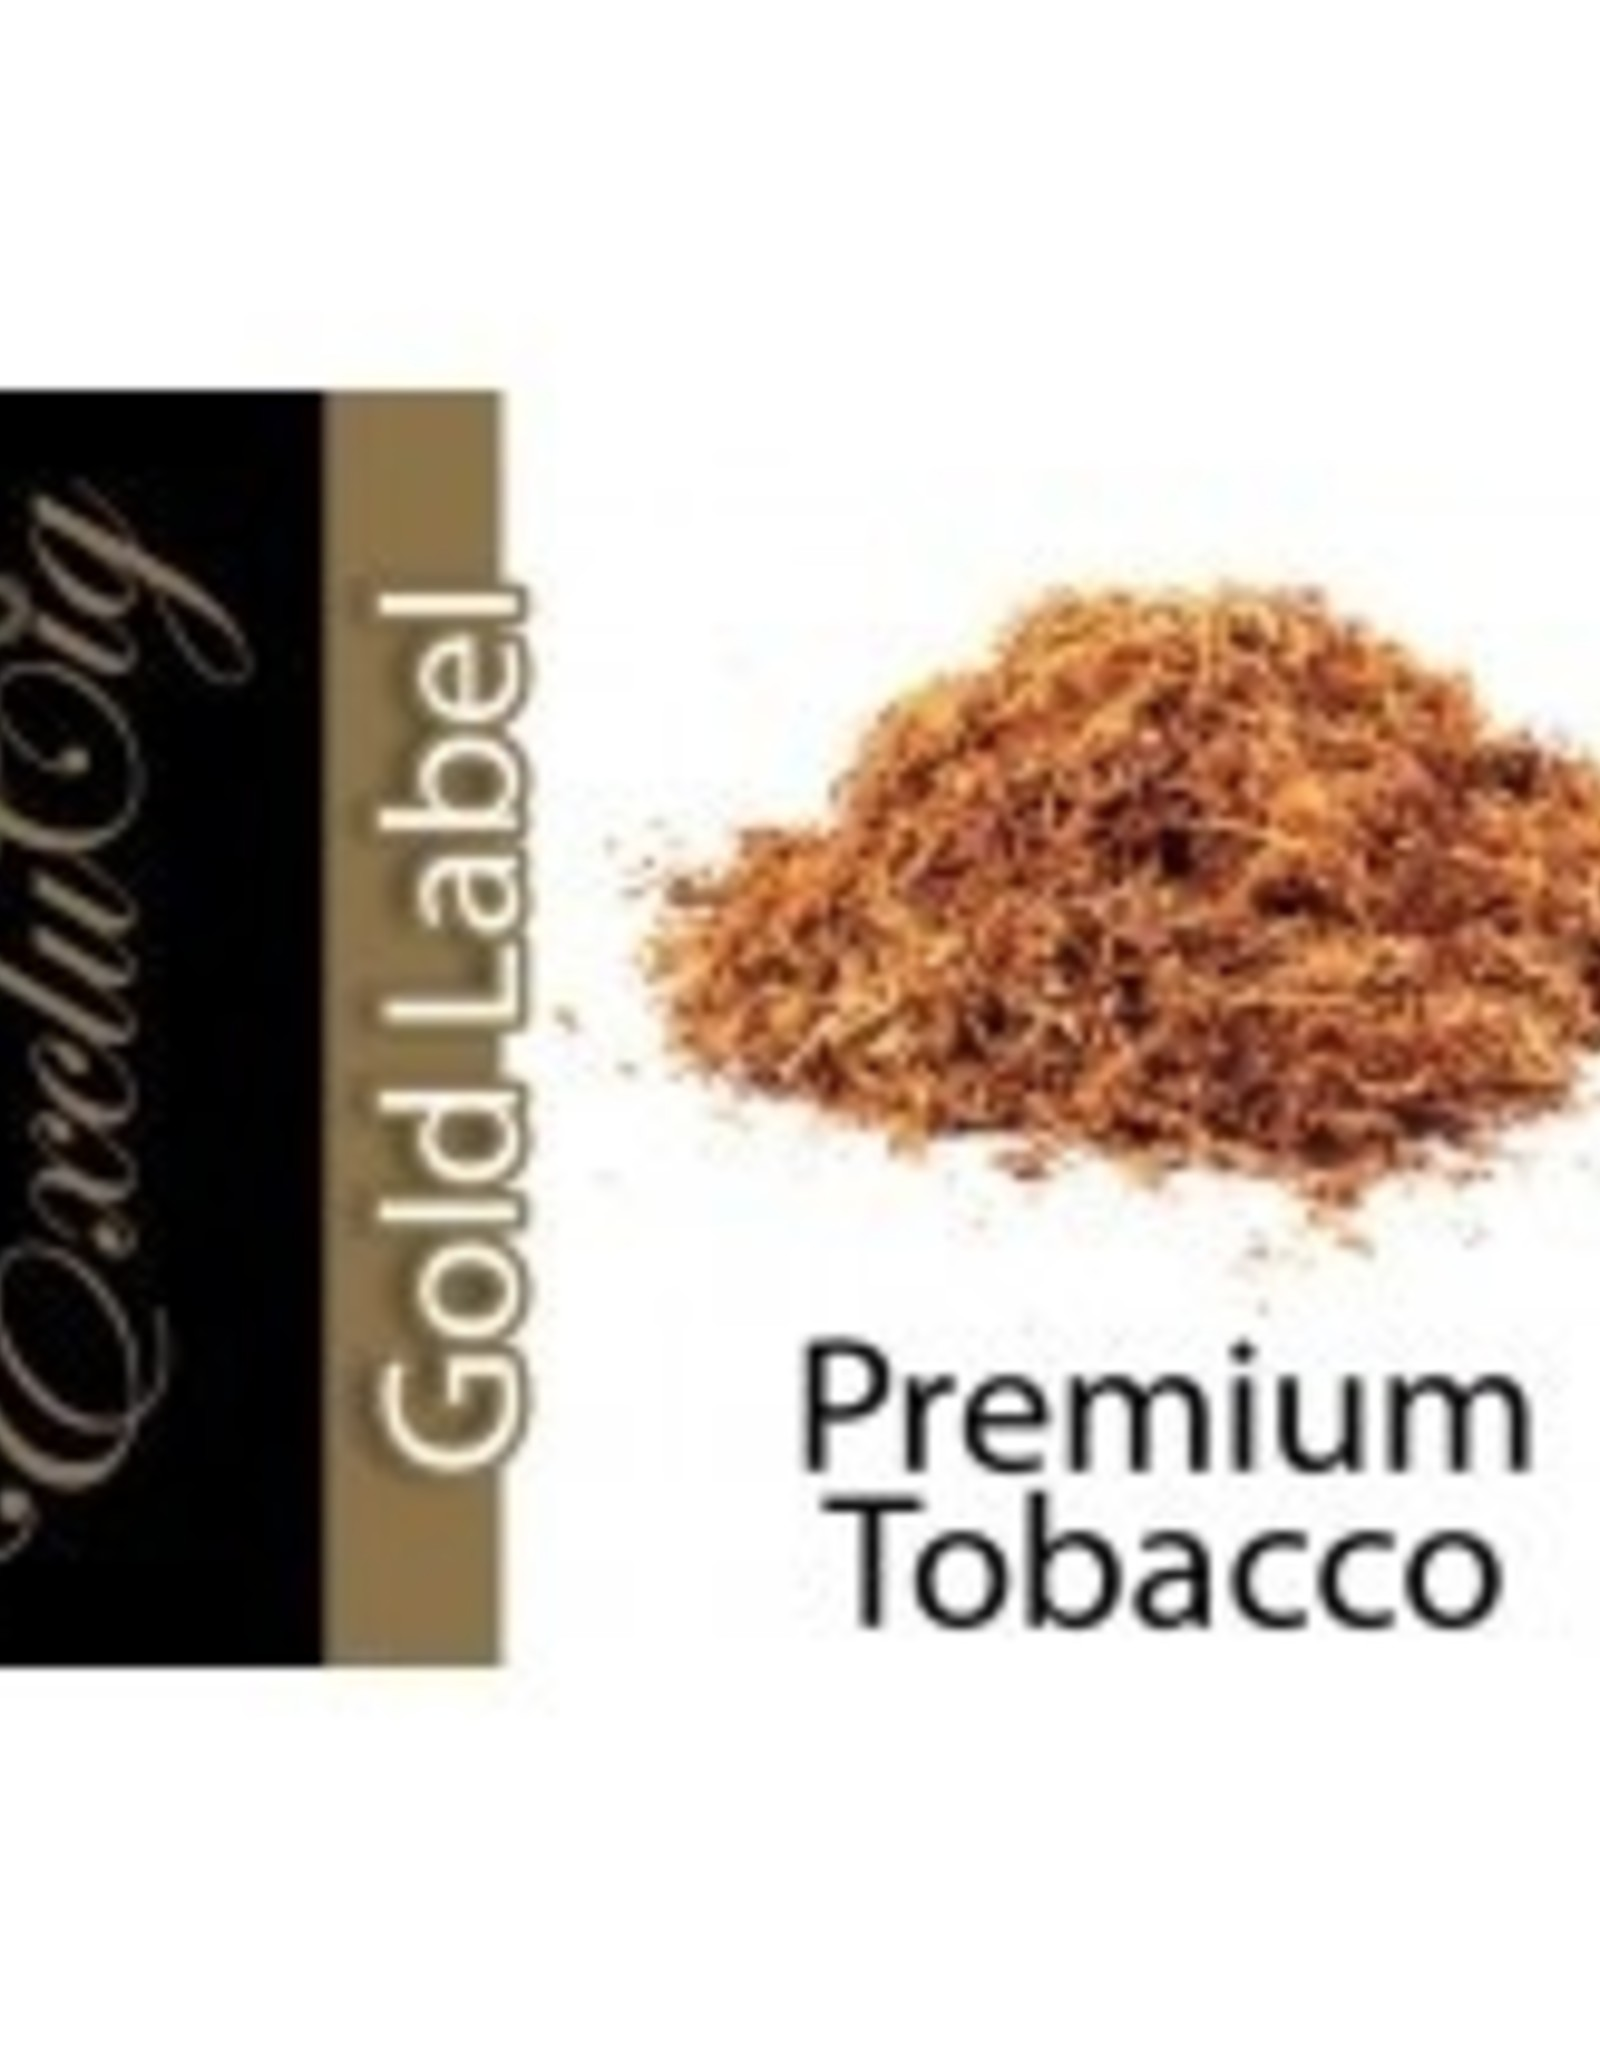 Exclucig Exclucig Gold Label E-liquid Premium Tobacco 18 mg Nicotine